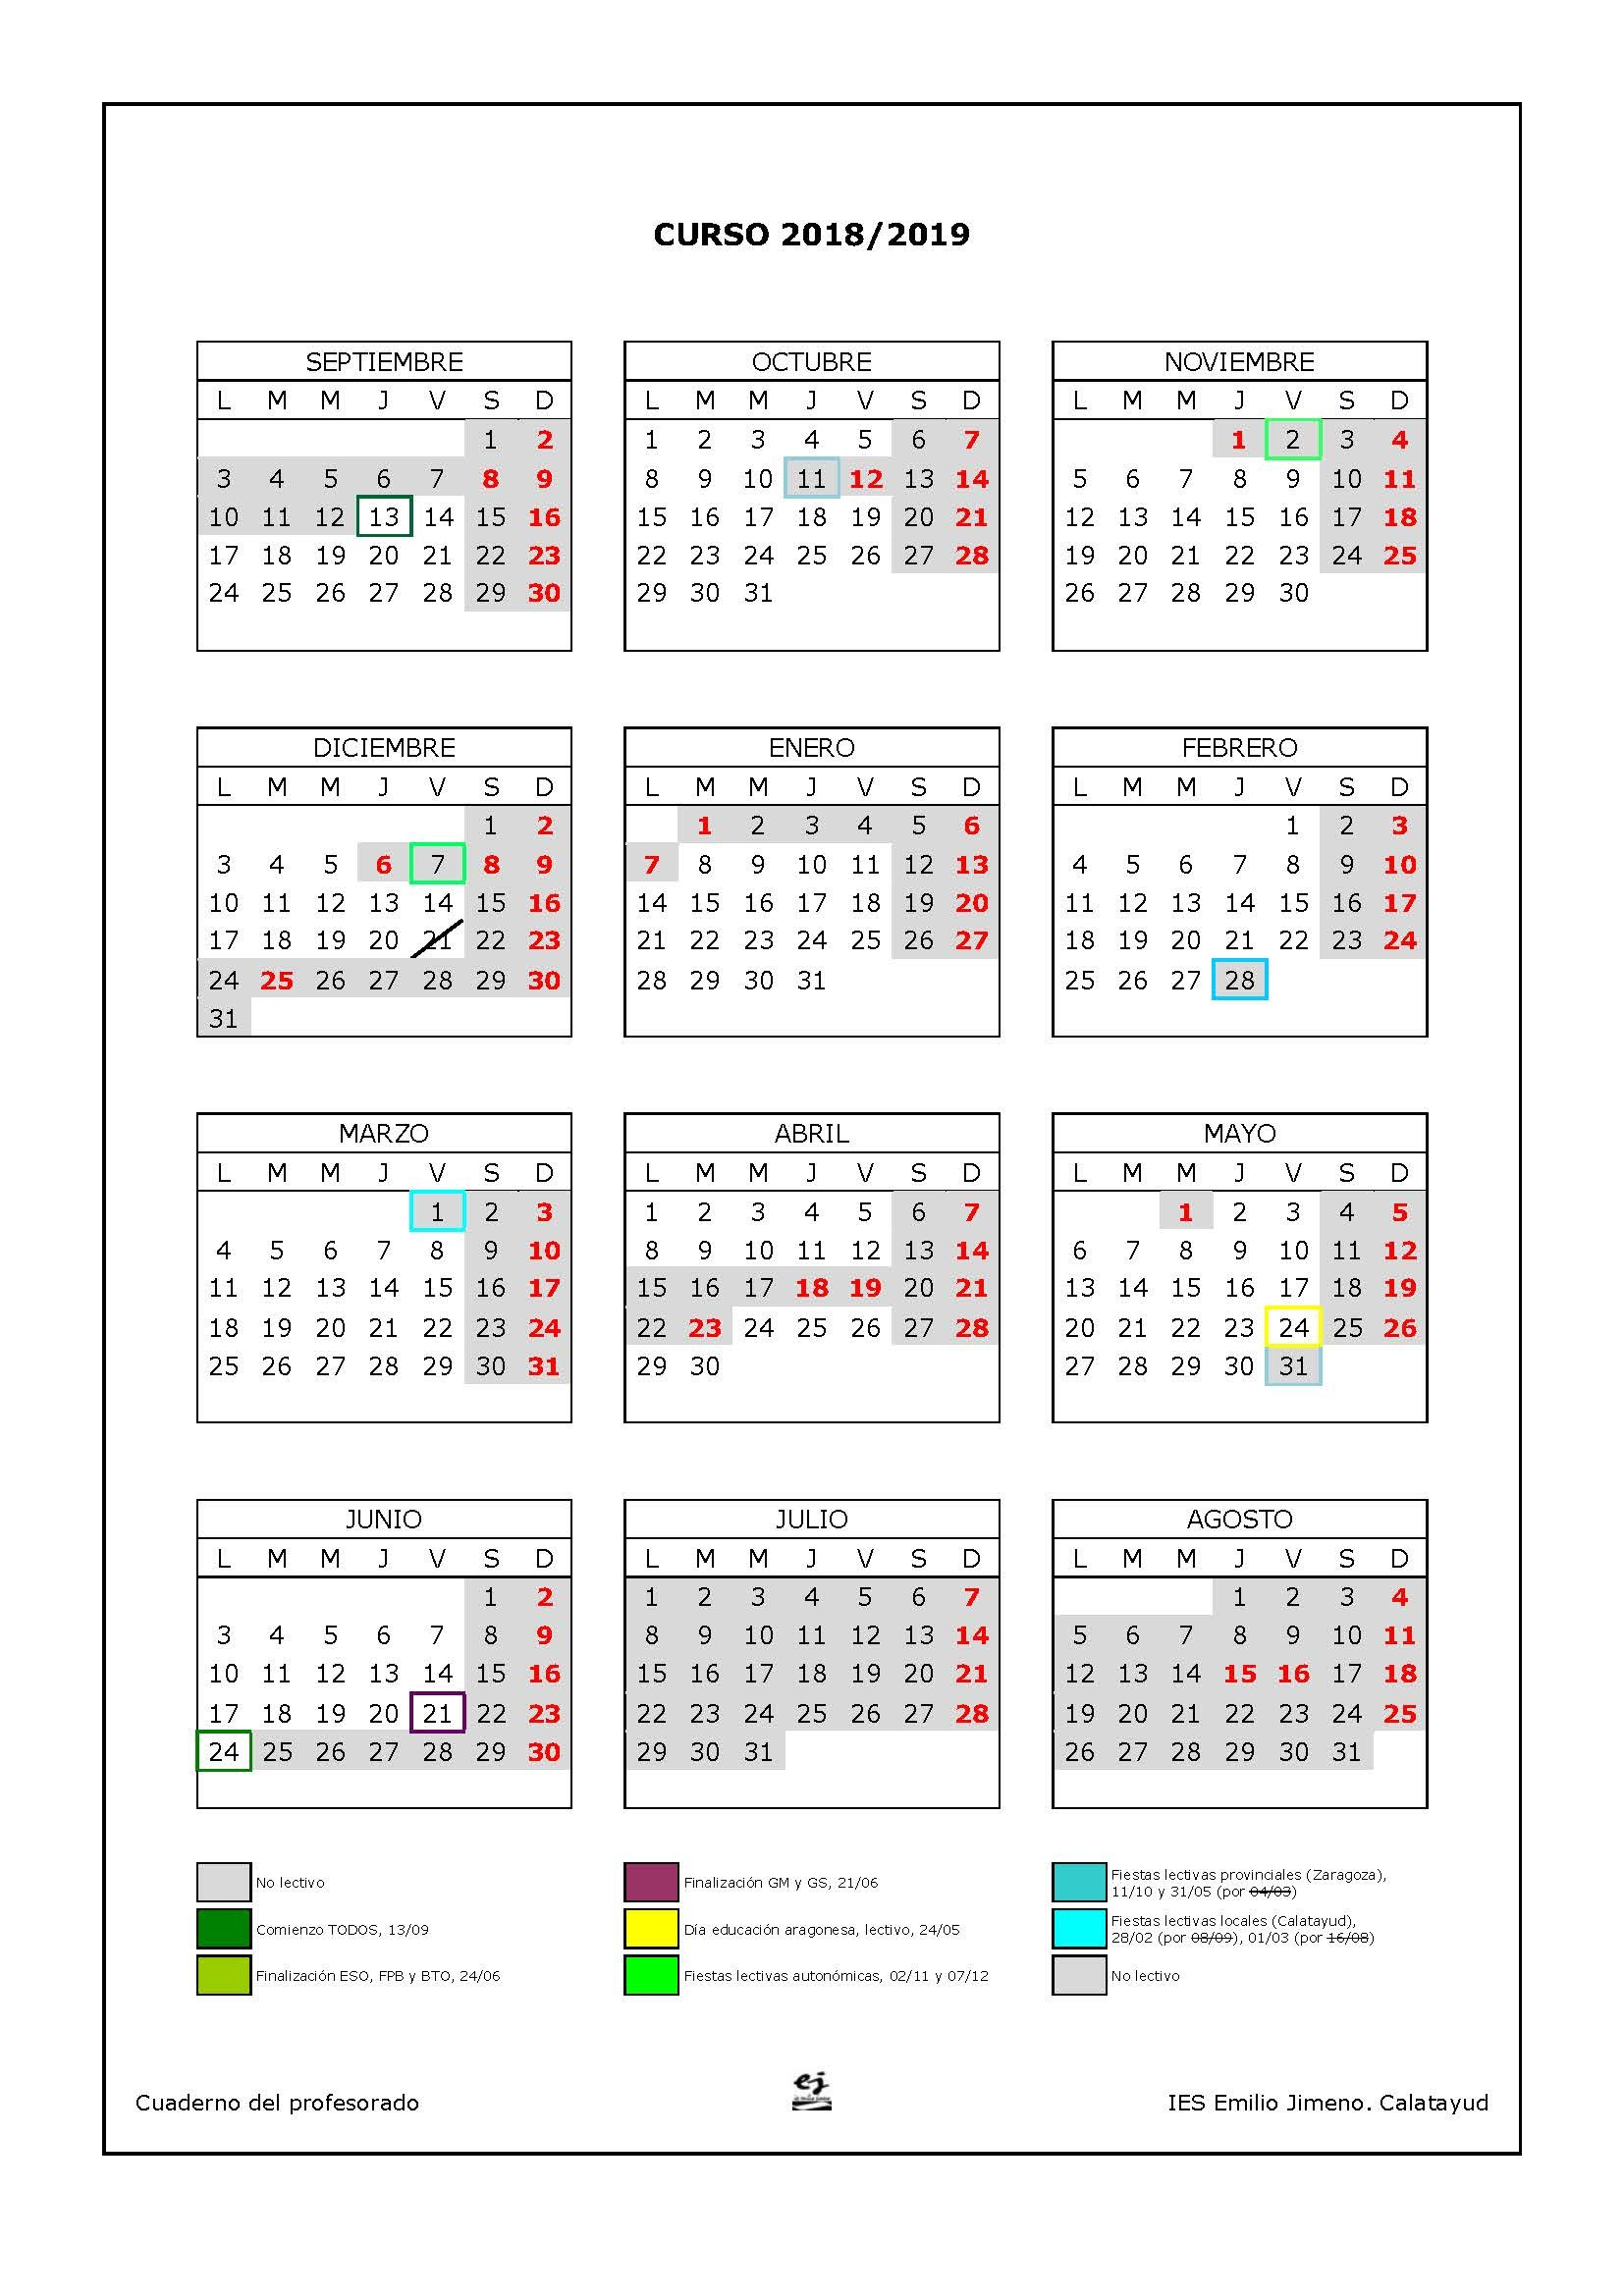 Calendario 2019 Con Festivos Nacionales Mejores Y Más Novedosos Calendario Escolar – Ies Emilio Jimeno Of Calendario 2019 Con Festivos Nacionales Más Arriba-a-fecha Calendario Escolar 2018 2019 En Barcelona afterscool